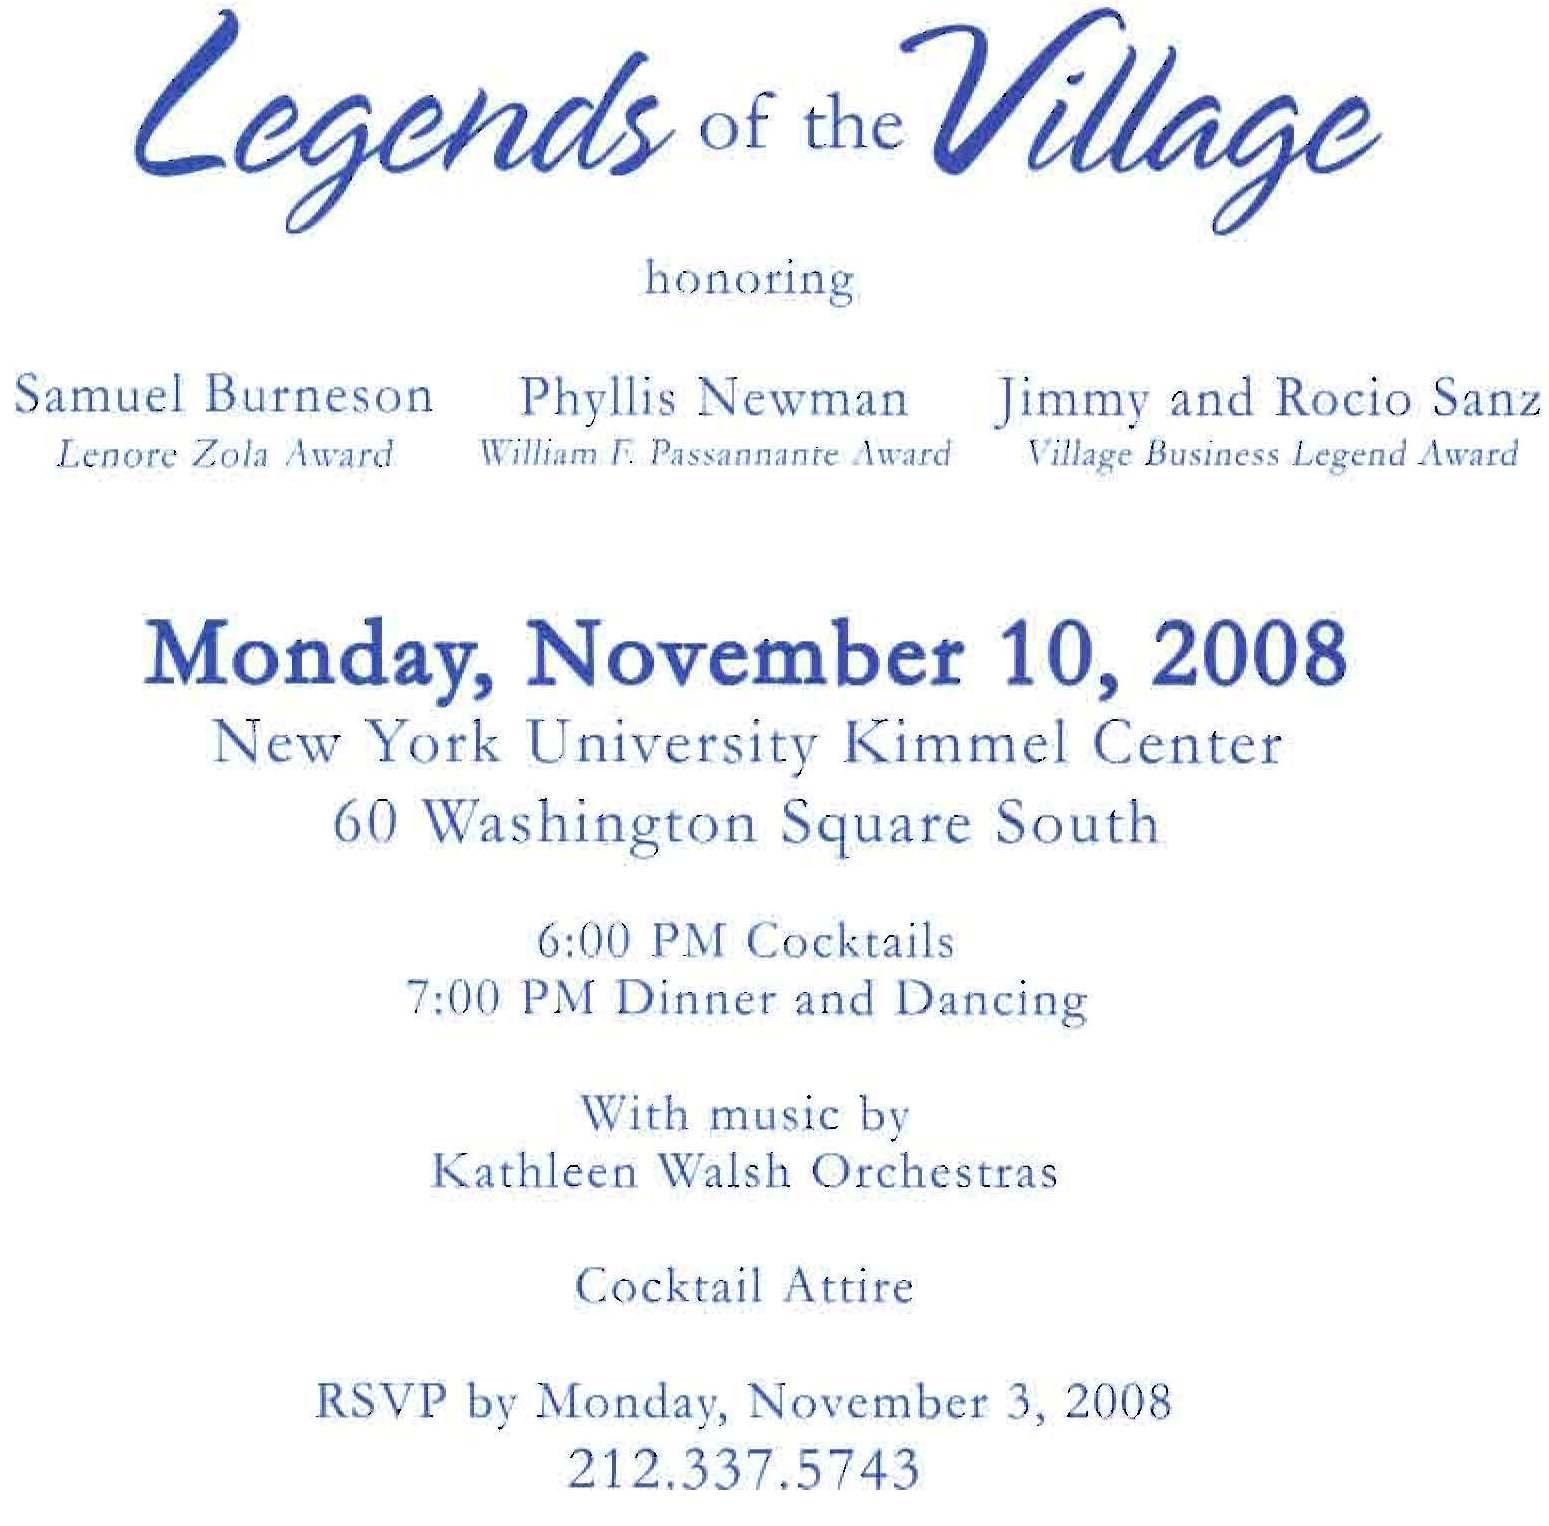 villagelegends2008_Page_2.jpg